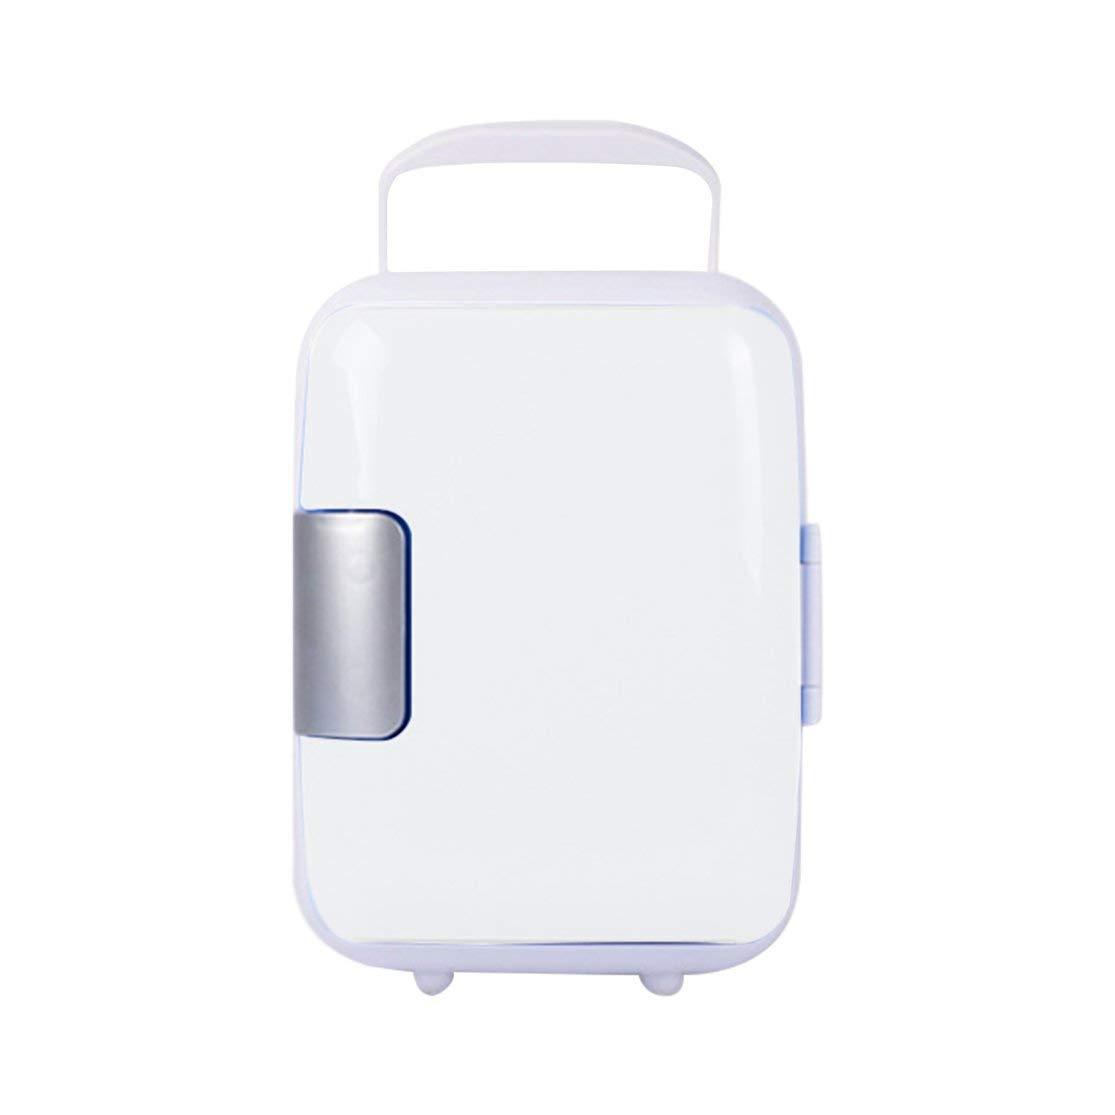 Candybarbar Mini refrigerador casero de 4L Refrigeradores de doble ...